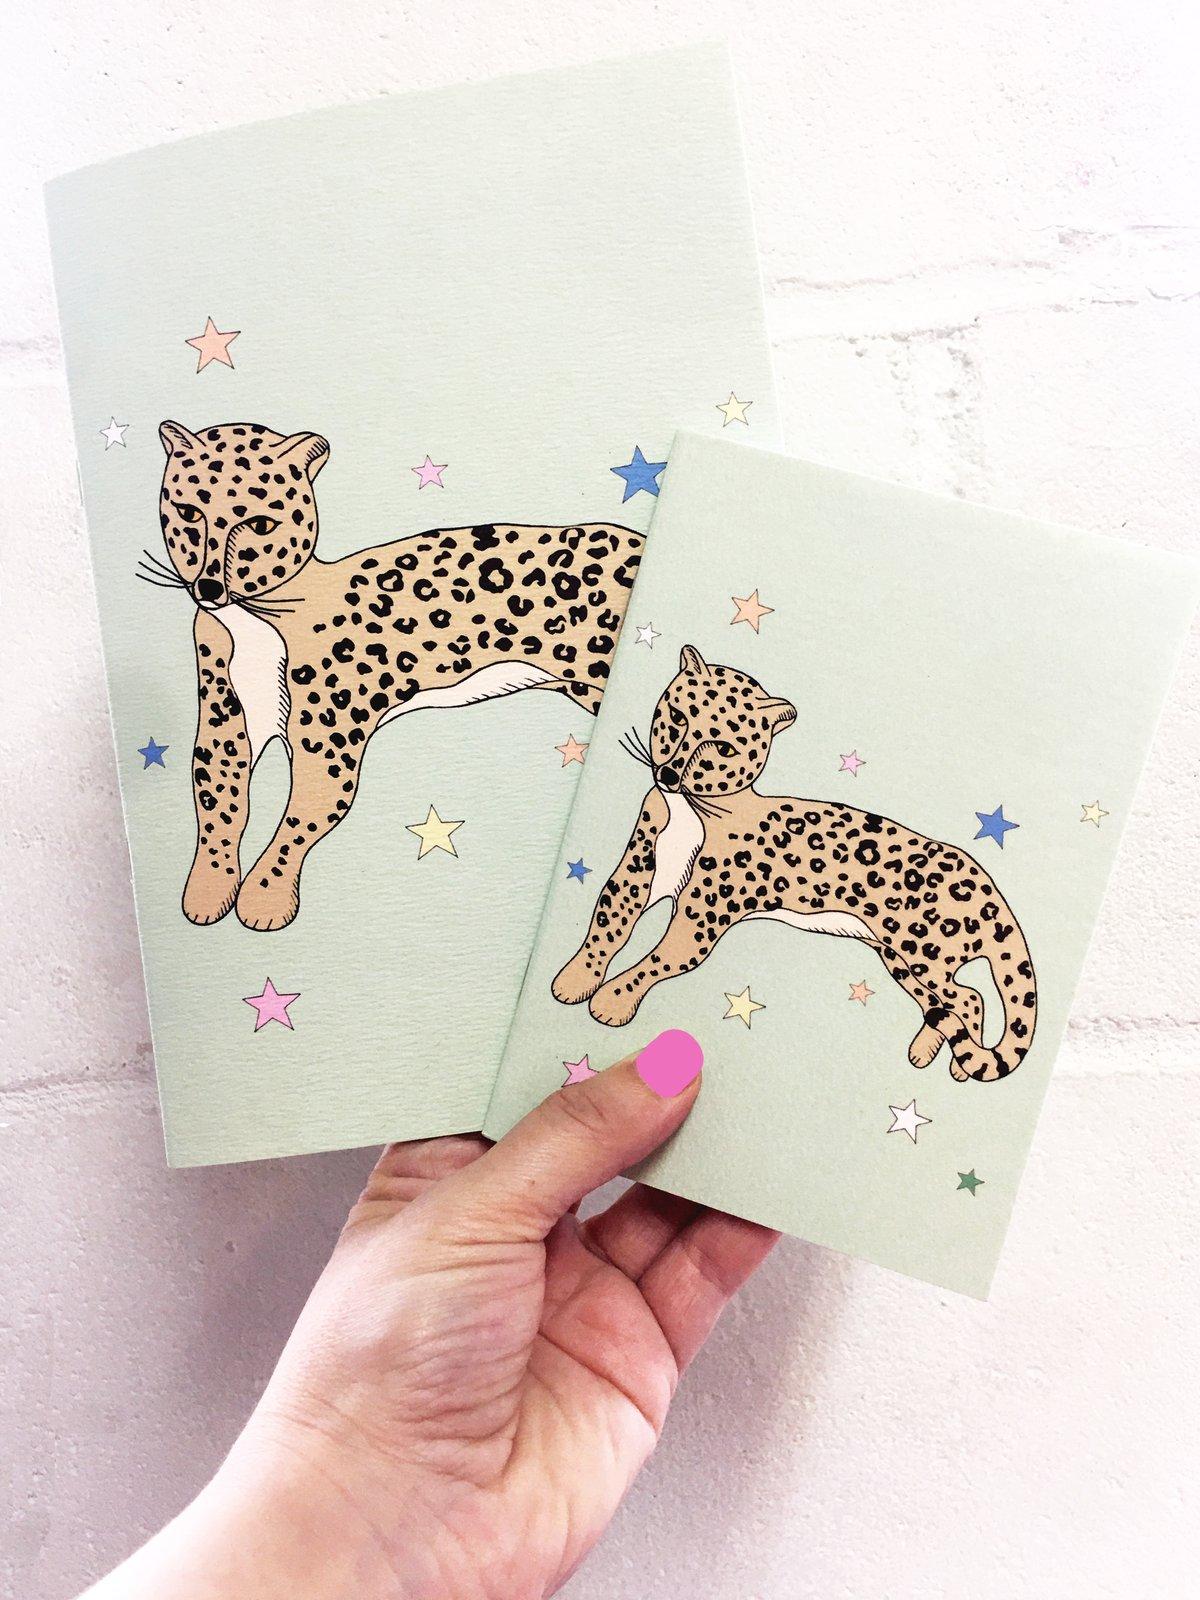 Reclining Leopard Notebook